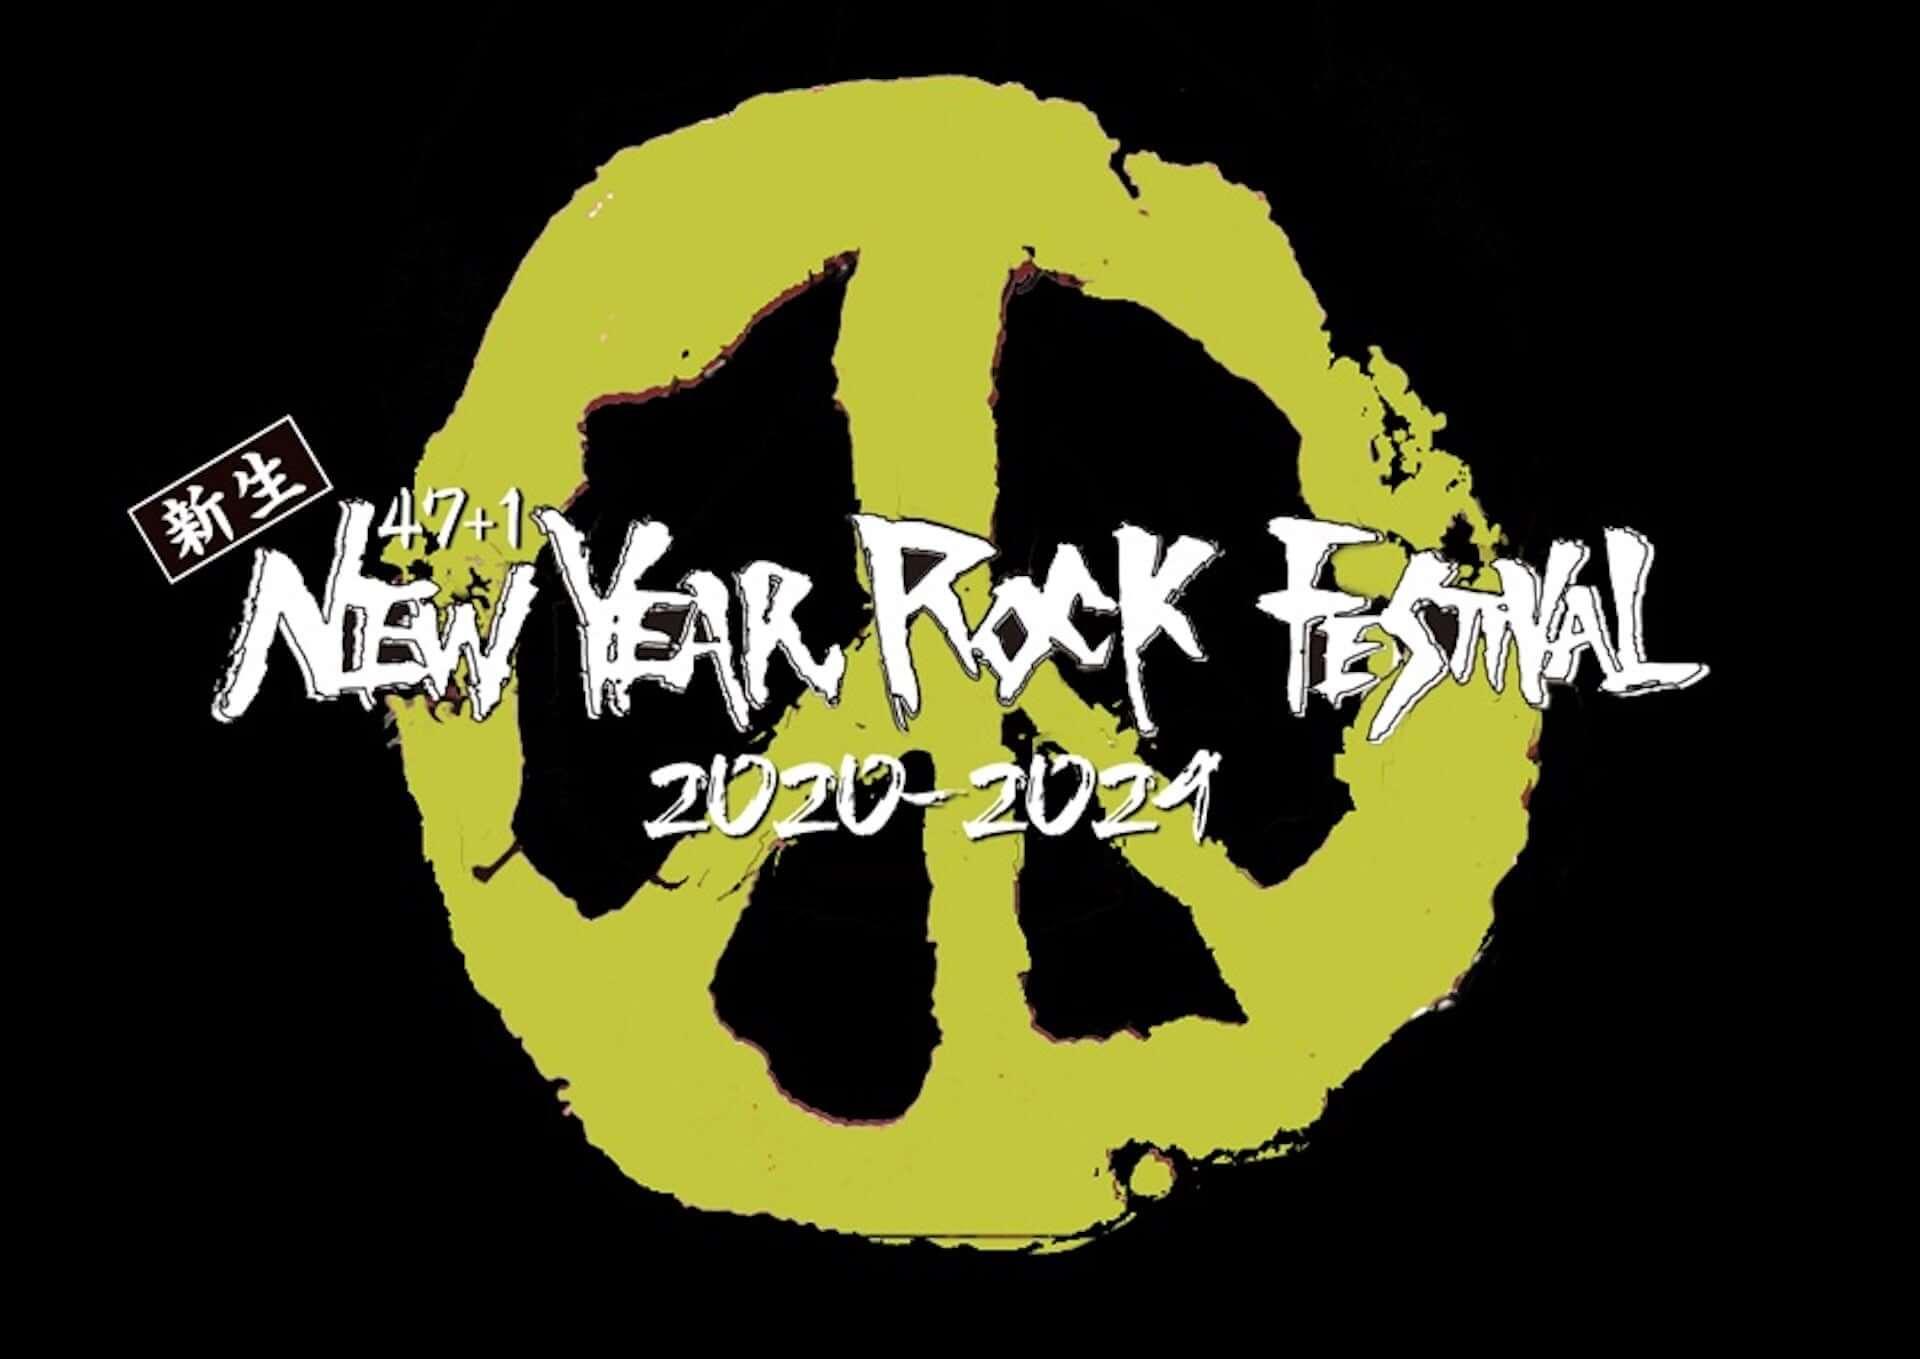 ストリートなイベント【ネット配信】47+1 新生 New Year Rock Festival 日本が世界に誇る年越しロックイベントがオンラインで開催!